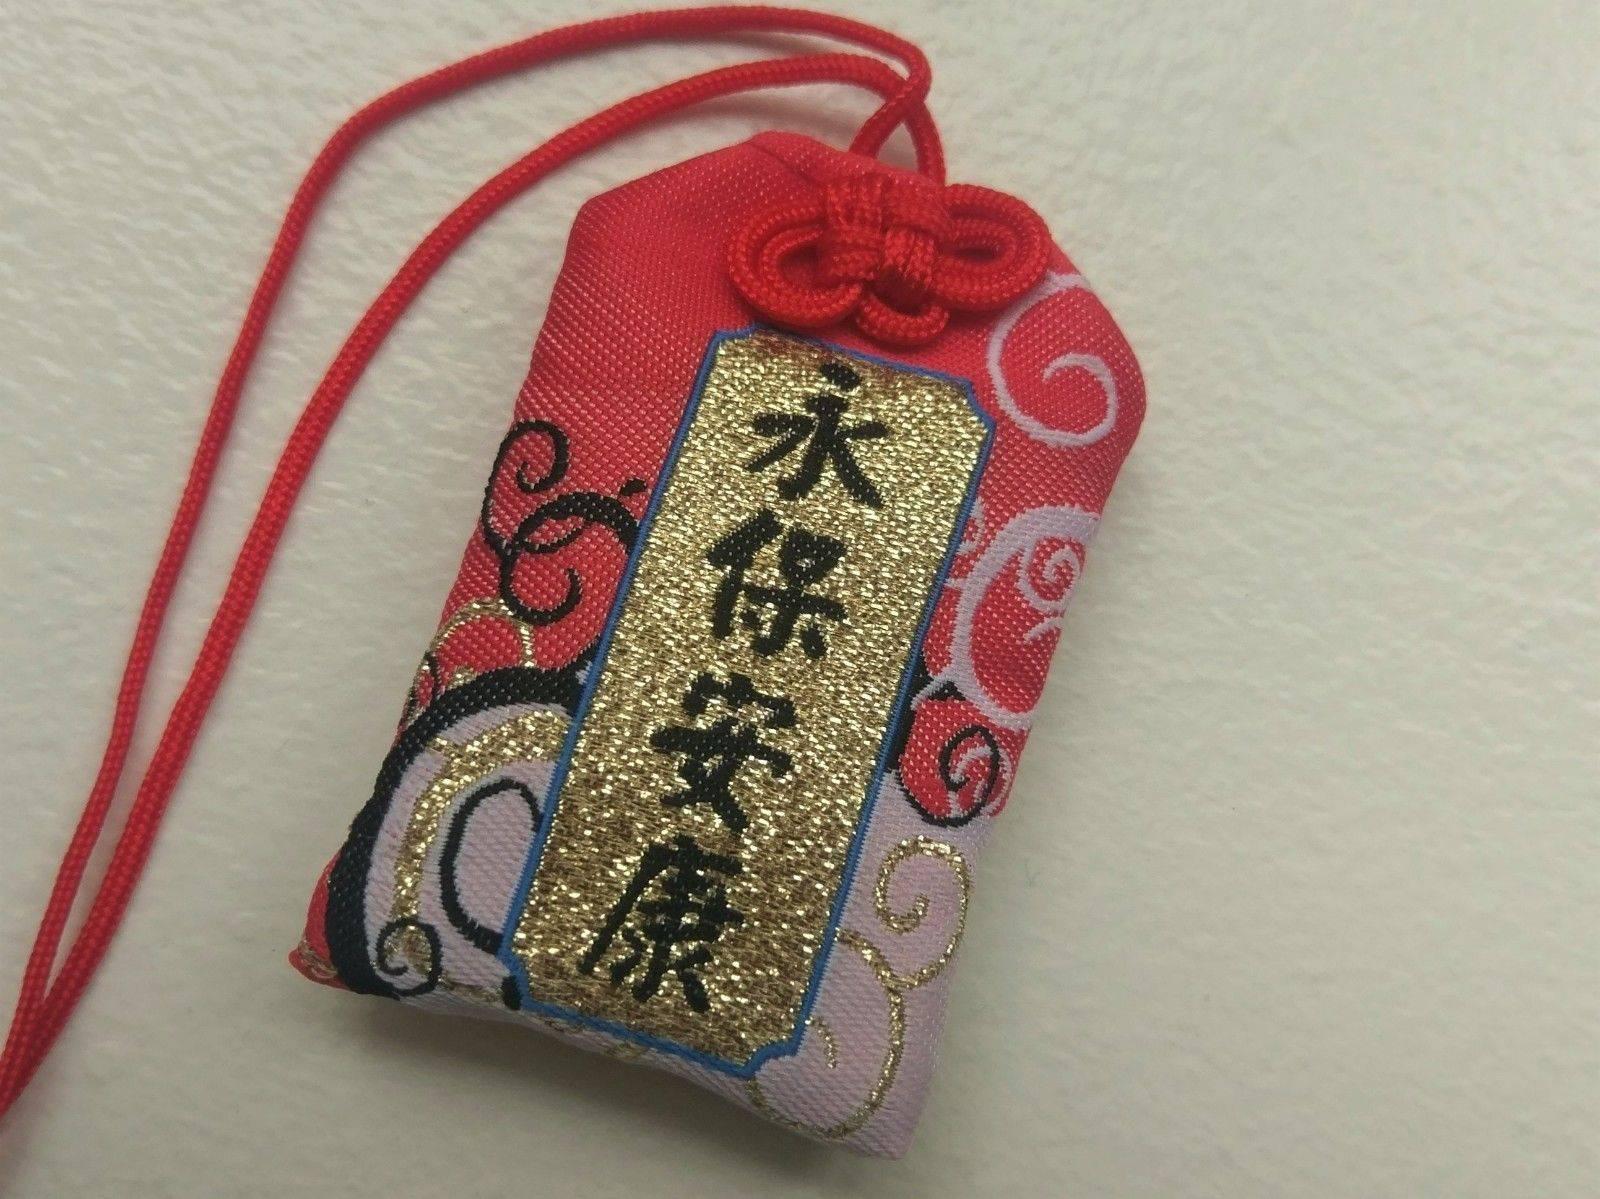 Японские талисманы-обереги на удачу   всё про амулеты   яндекс дзен